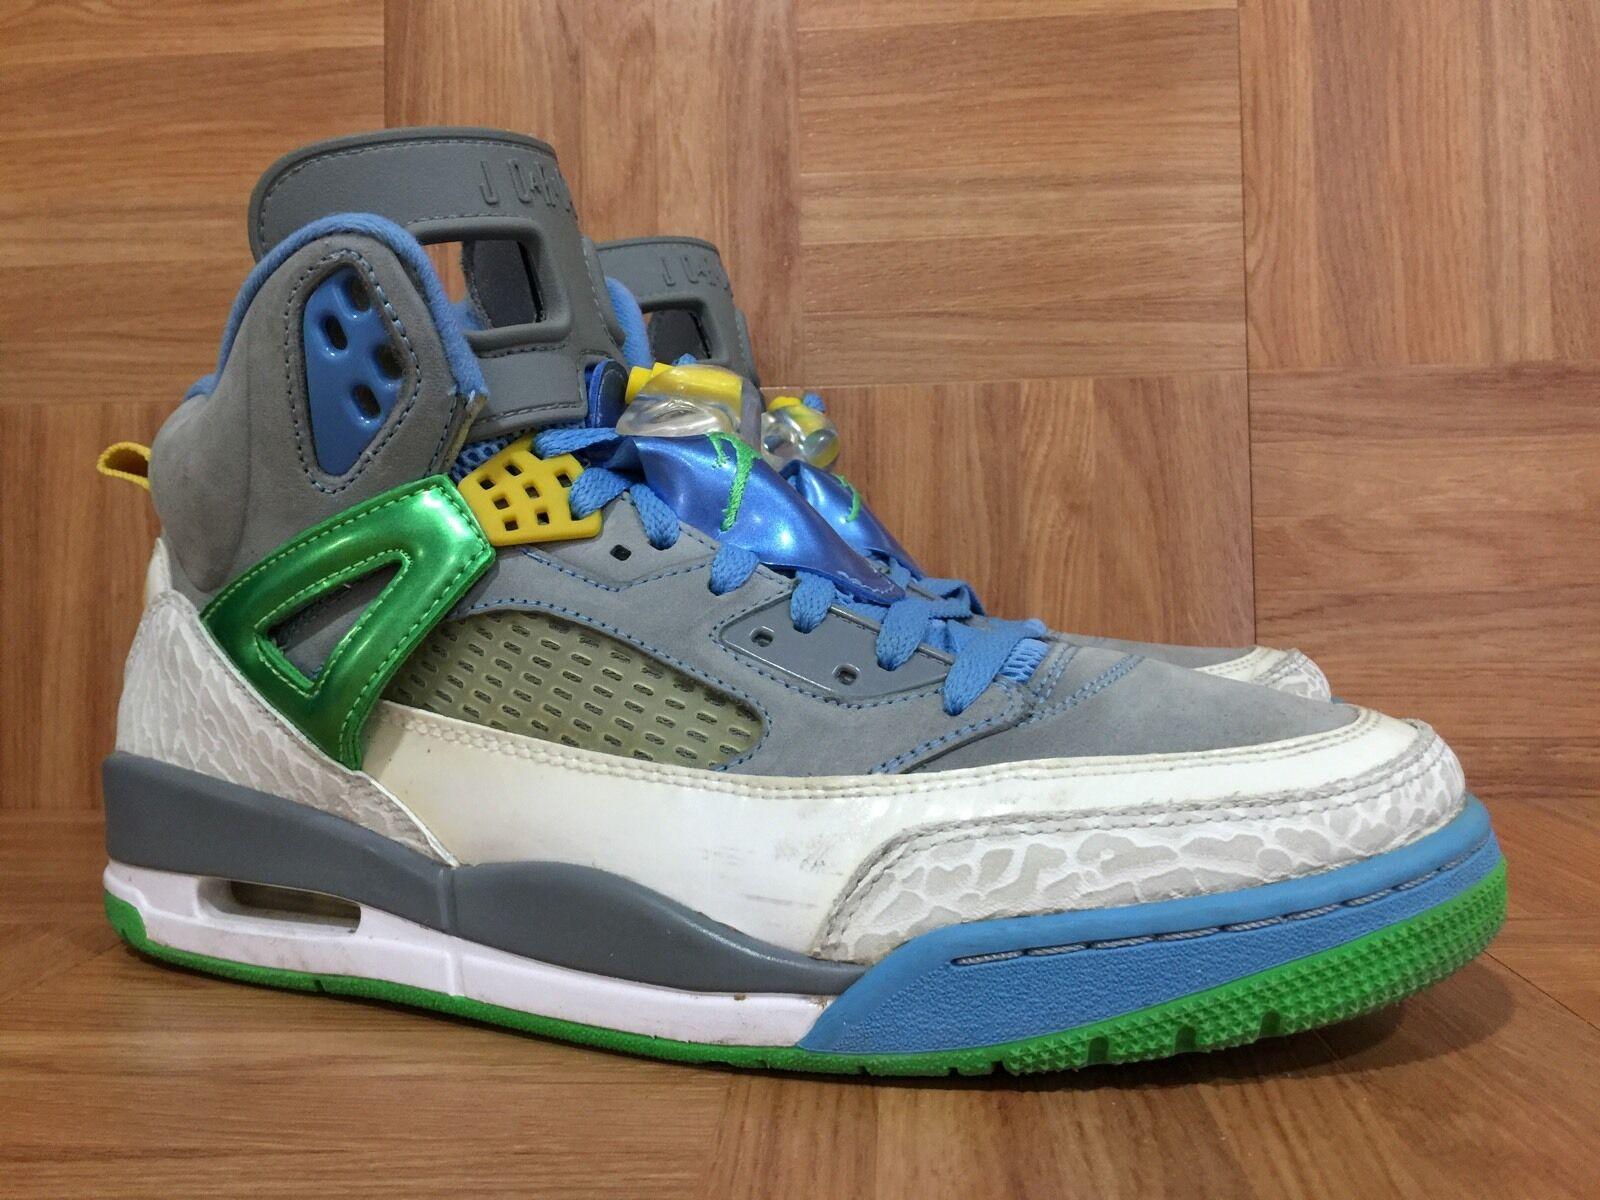 RARE  Nike Air Jordan Spizike Stealth Poison Green Blitz 11 Easter 315371-056